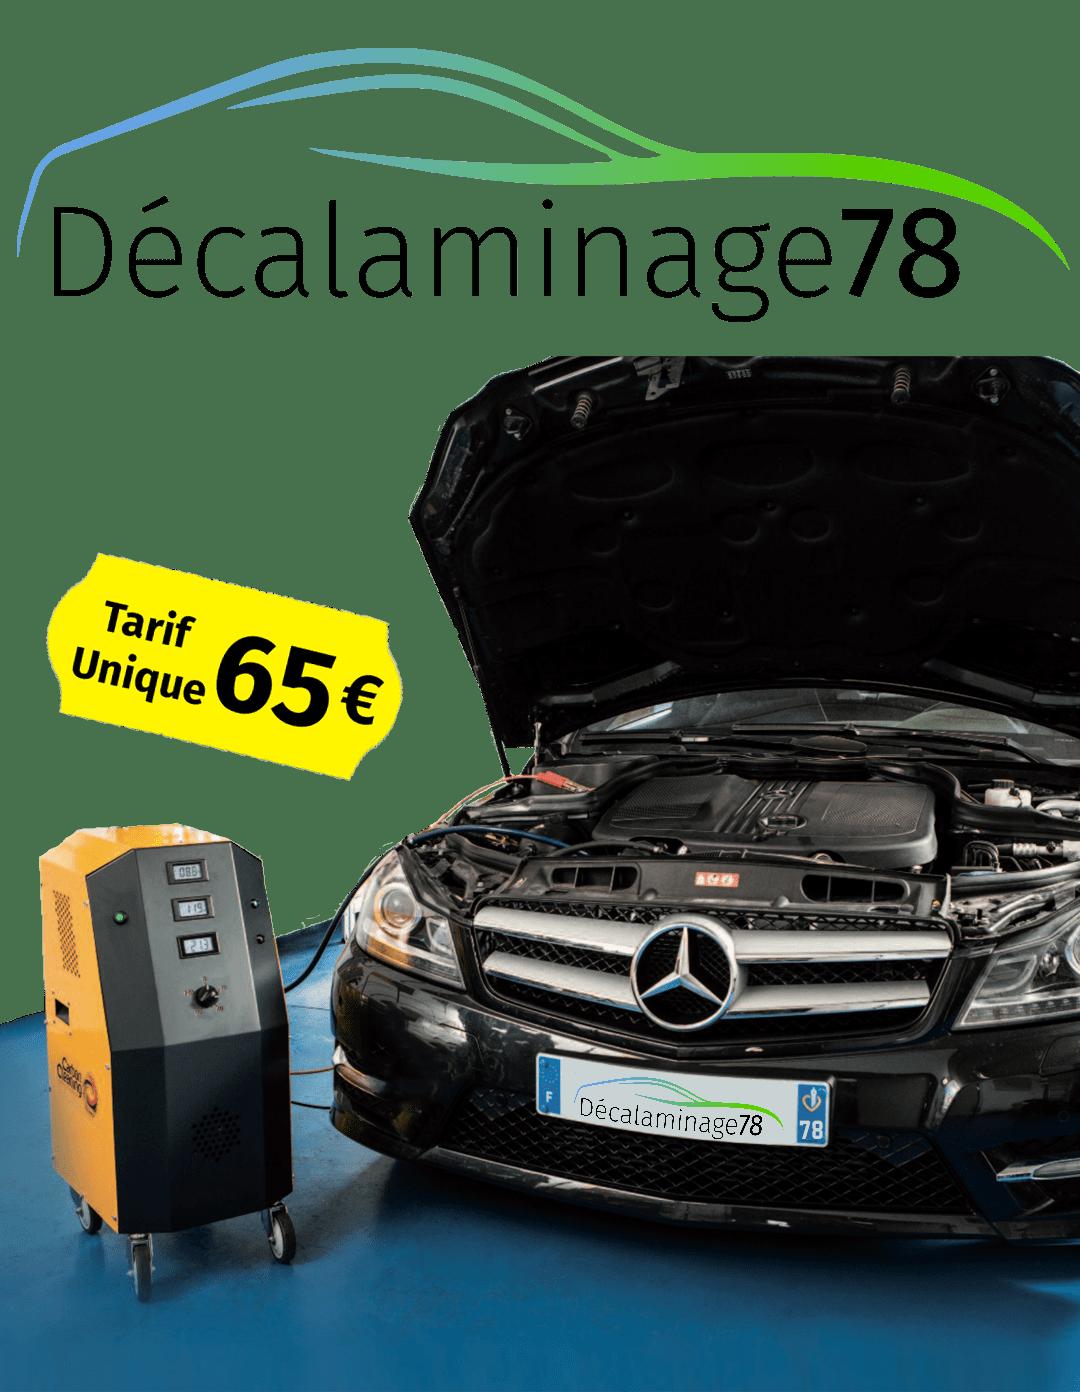 Prestation de décalaminage proposer par décalaminage78 pour un tarif unique de 65 €